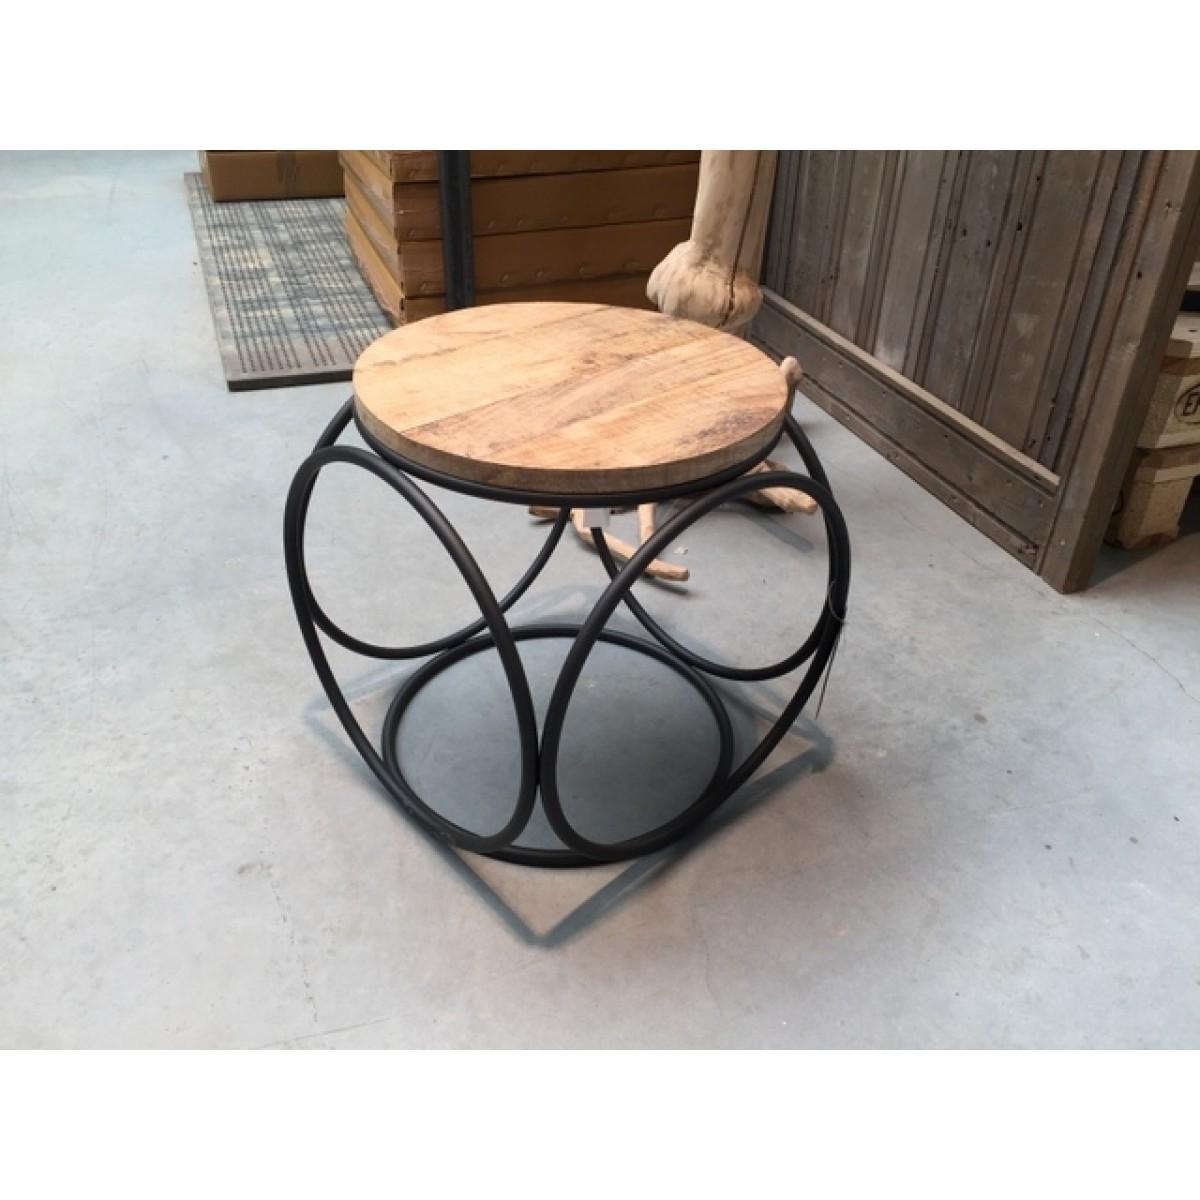 beistelltisch industriedesign metall holz hocker metall. Black Bedroom Furniture Sets. Home Design Ideas